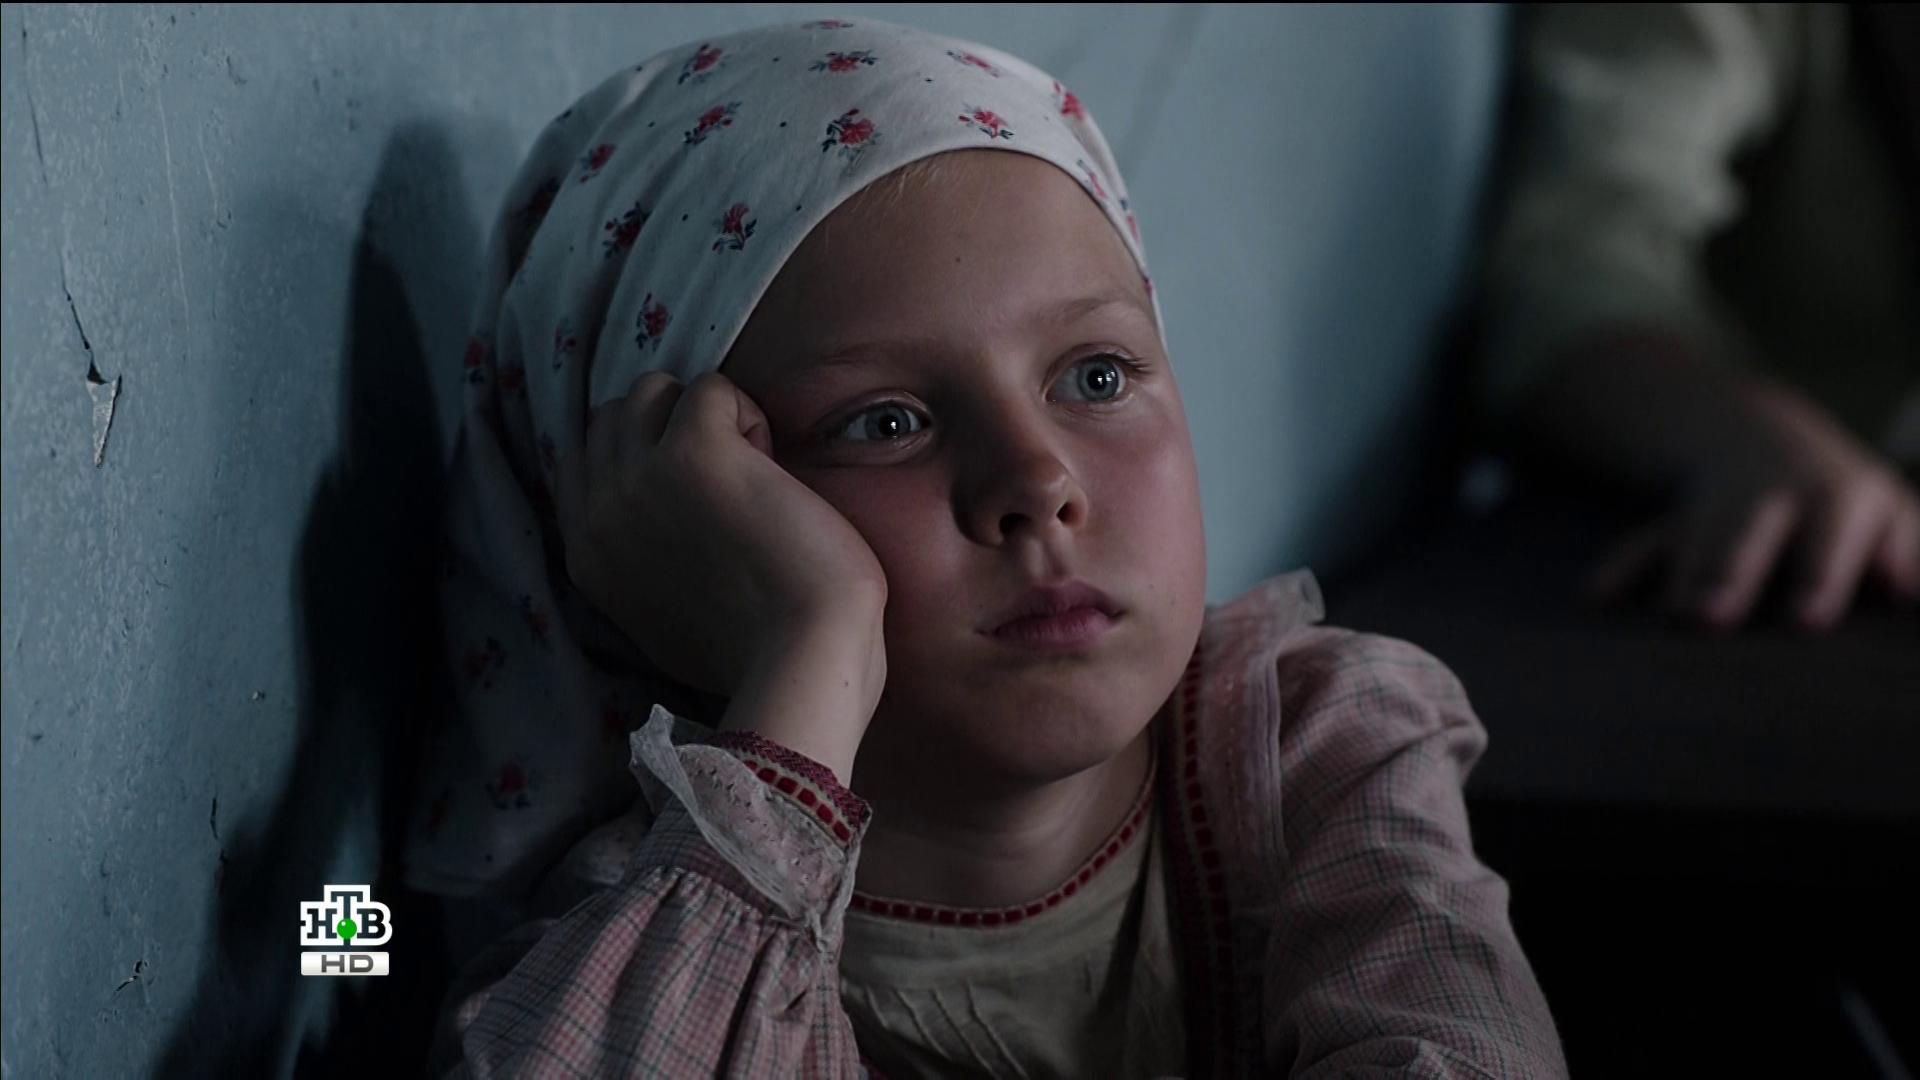 Я - Учитель (2016) смотреть онлайн или скачать фильм через ...: http://www.fast-torrent.ru/film/ya-uchitel/